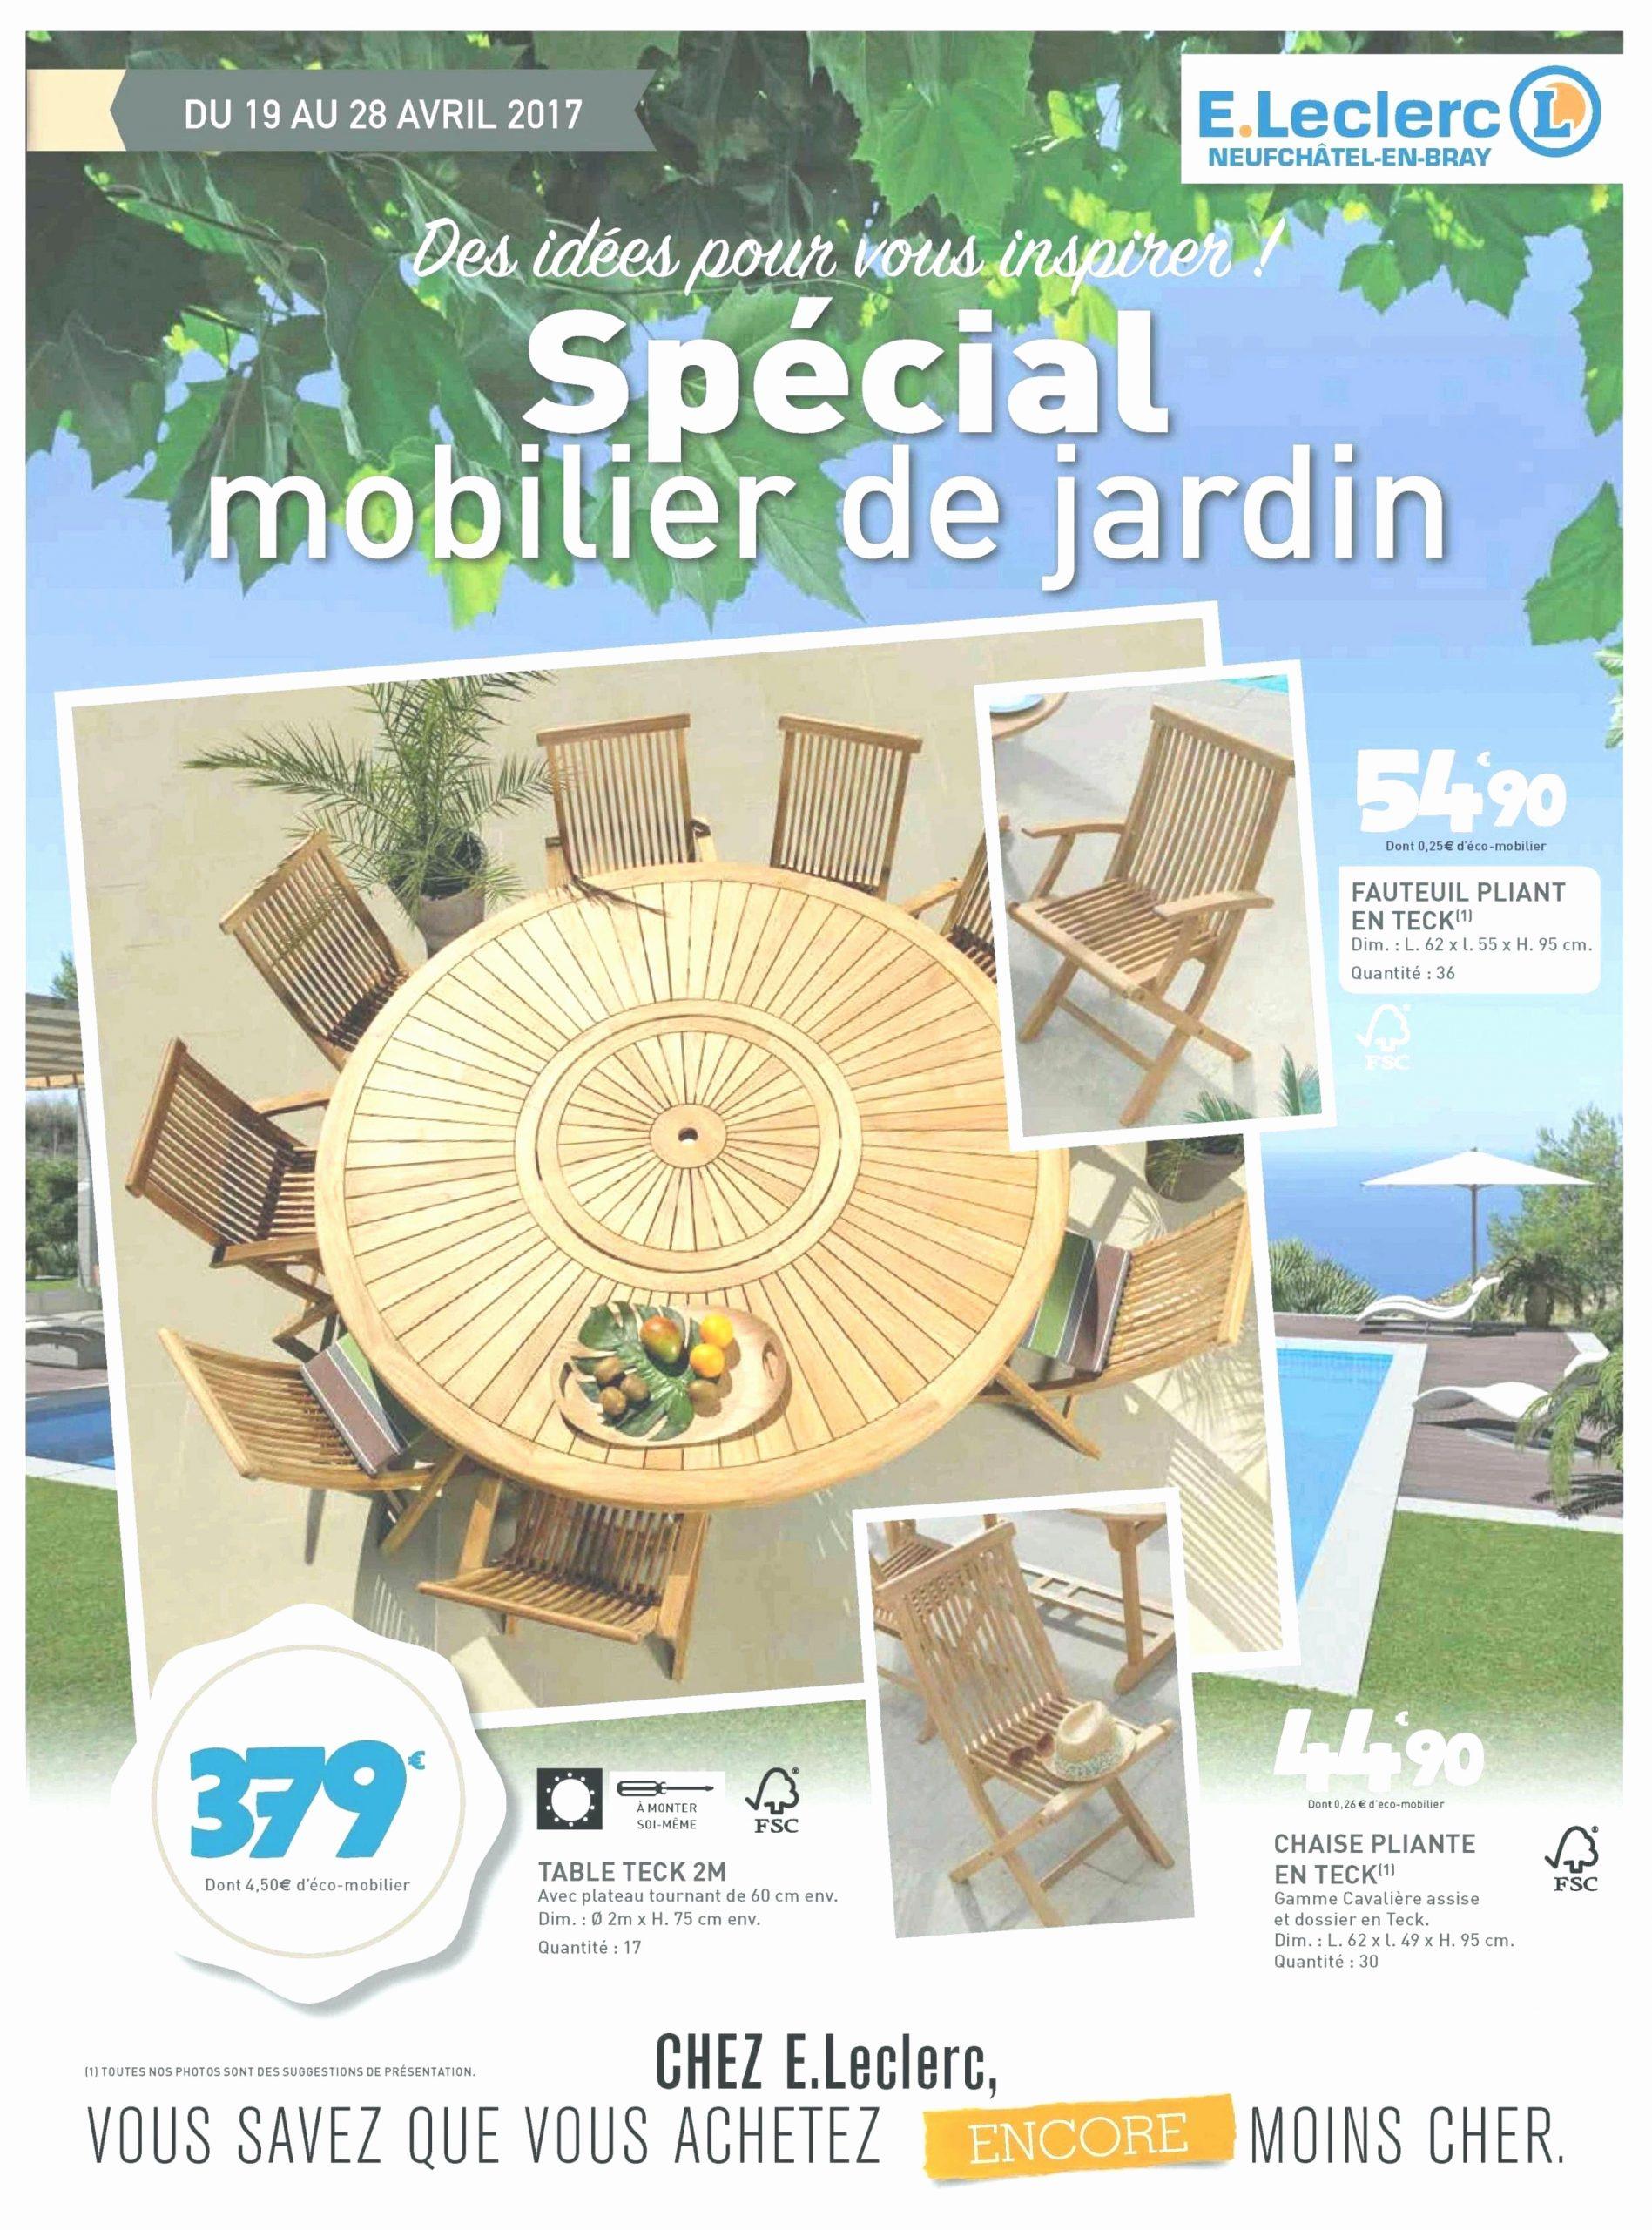 Salon De Jardin Lecler Nouveau Best Jardi Brico Leclerc ... encequiconcerne Salon De Jardin Brico Leclerc